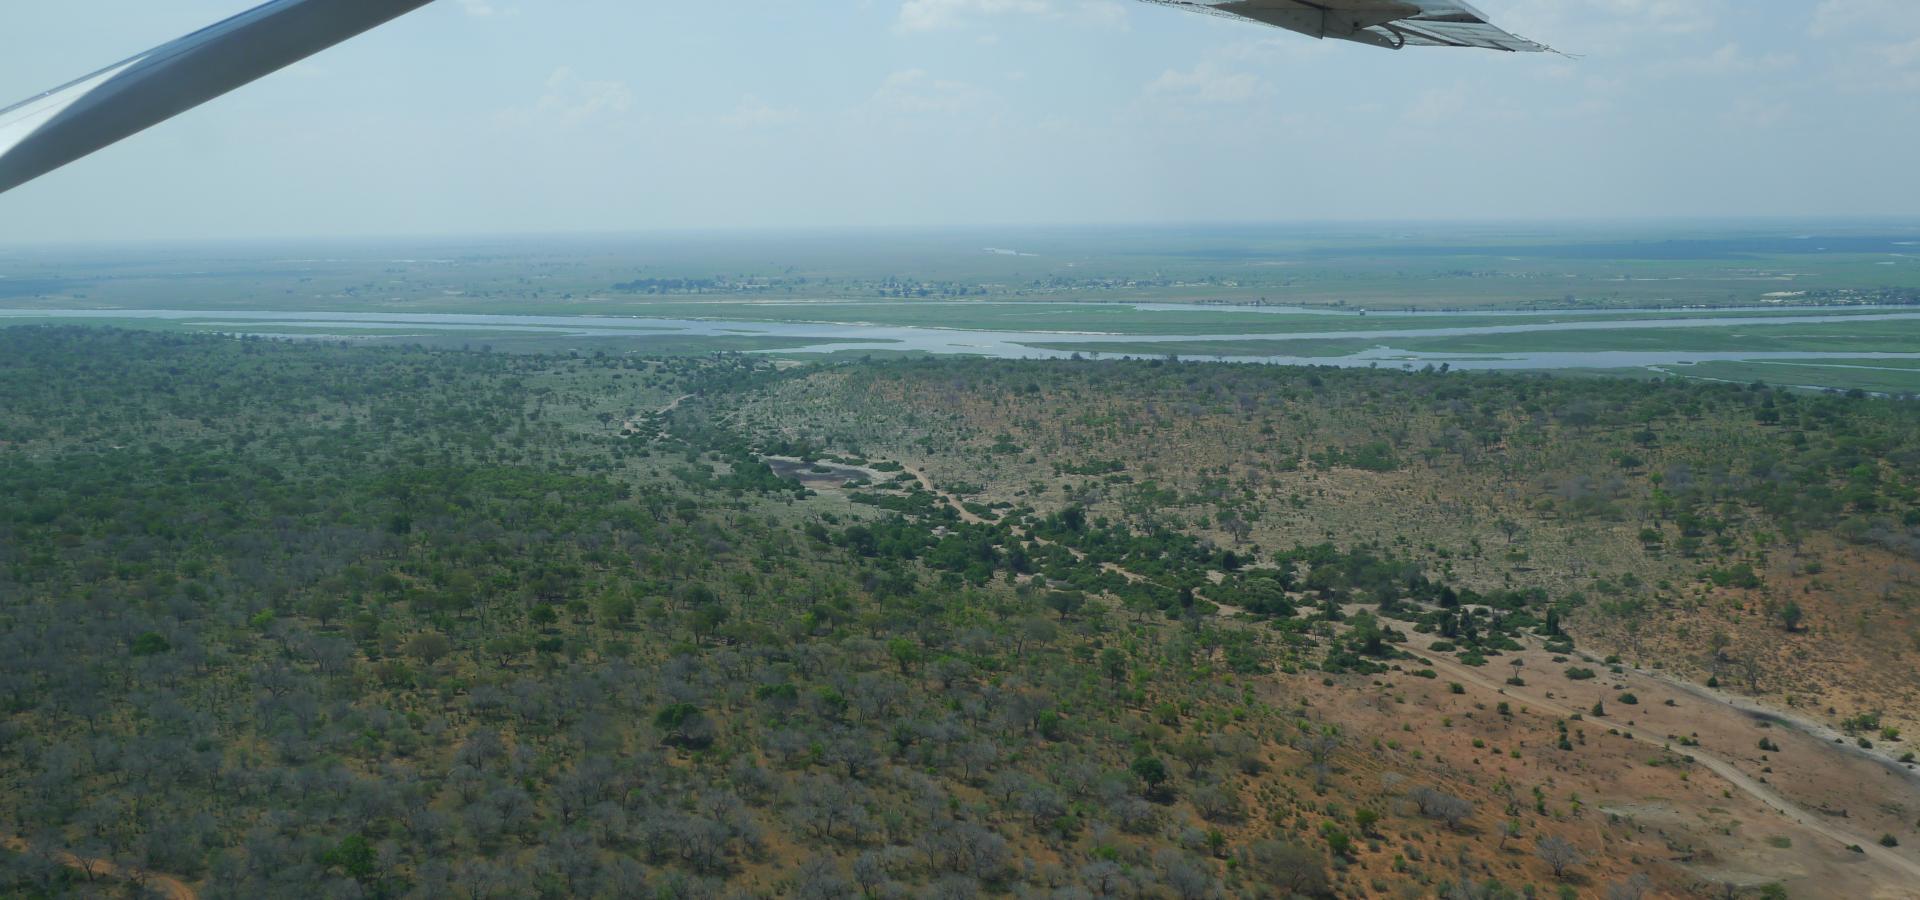 Erleben Sie die Naturschönheiten Botswanas aus der Vogelperspektive